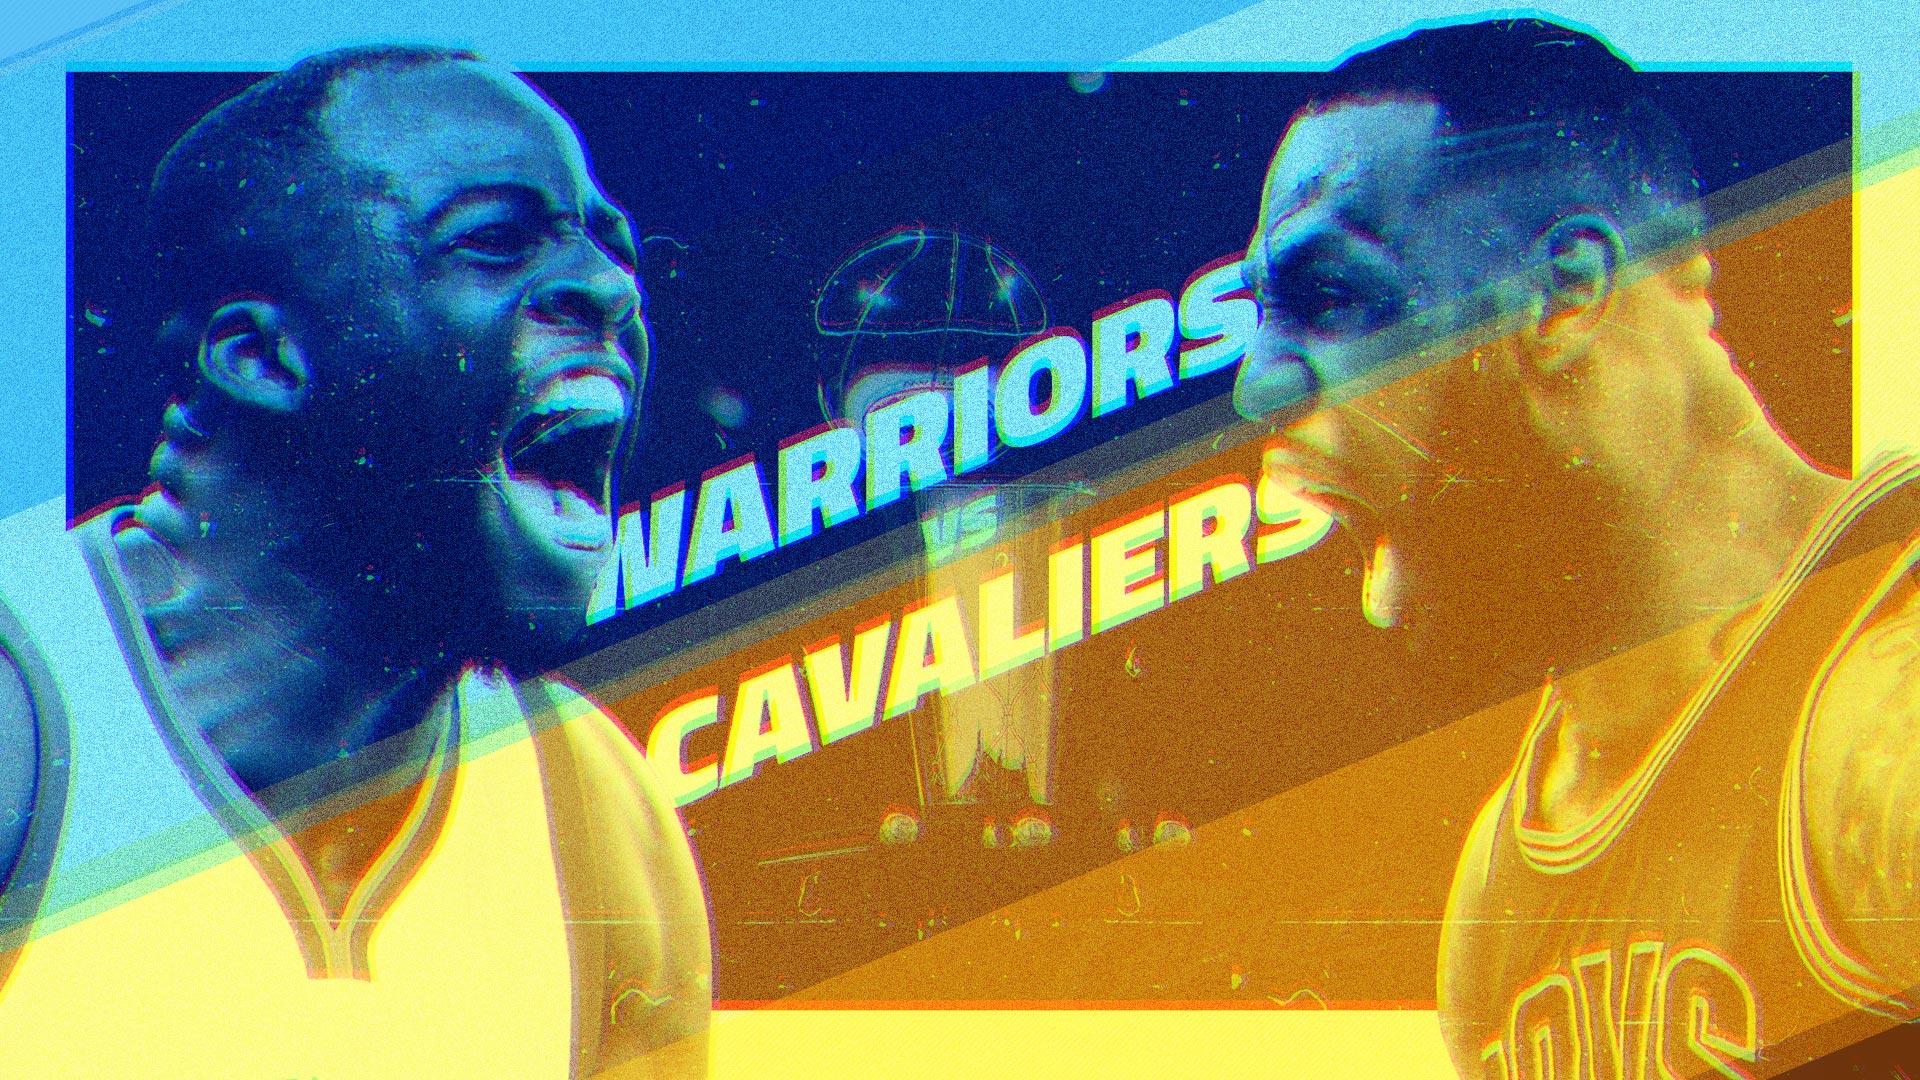 Illo-nba-finals-draymond-green-lebron-james-warriors-cavaliers-ftr-053016_1ryfeedv3j7jm1f5n5fjwbyn8i